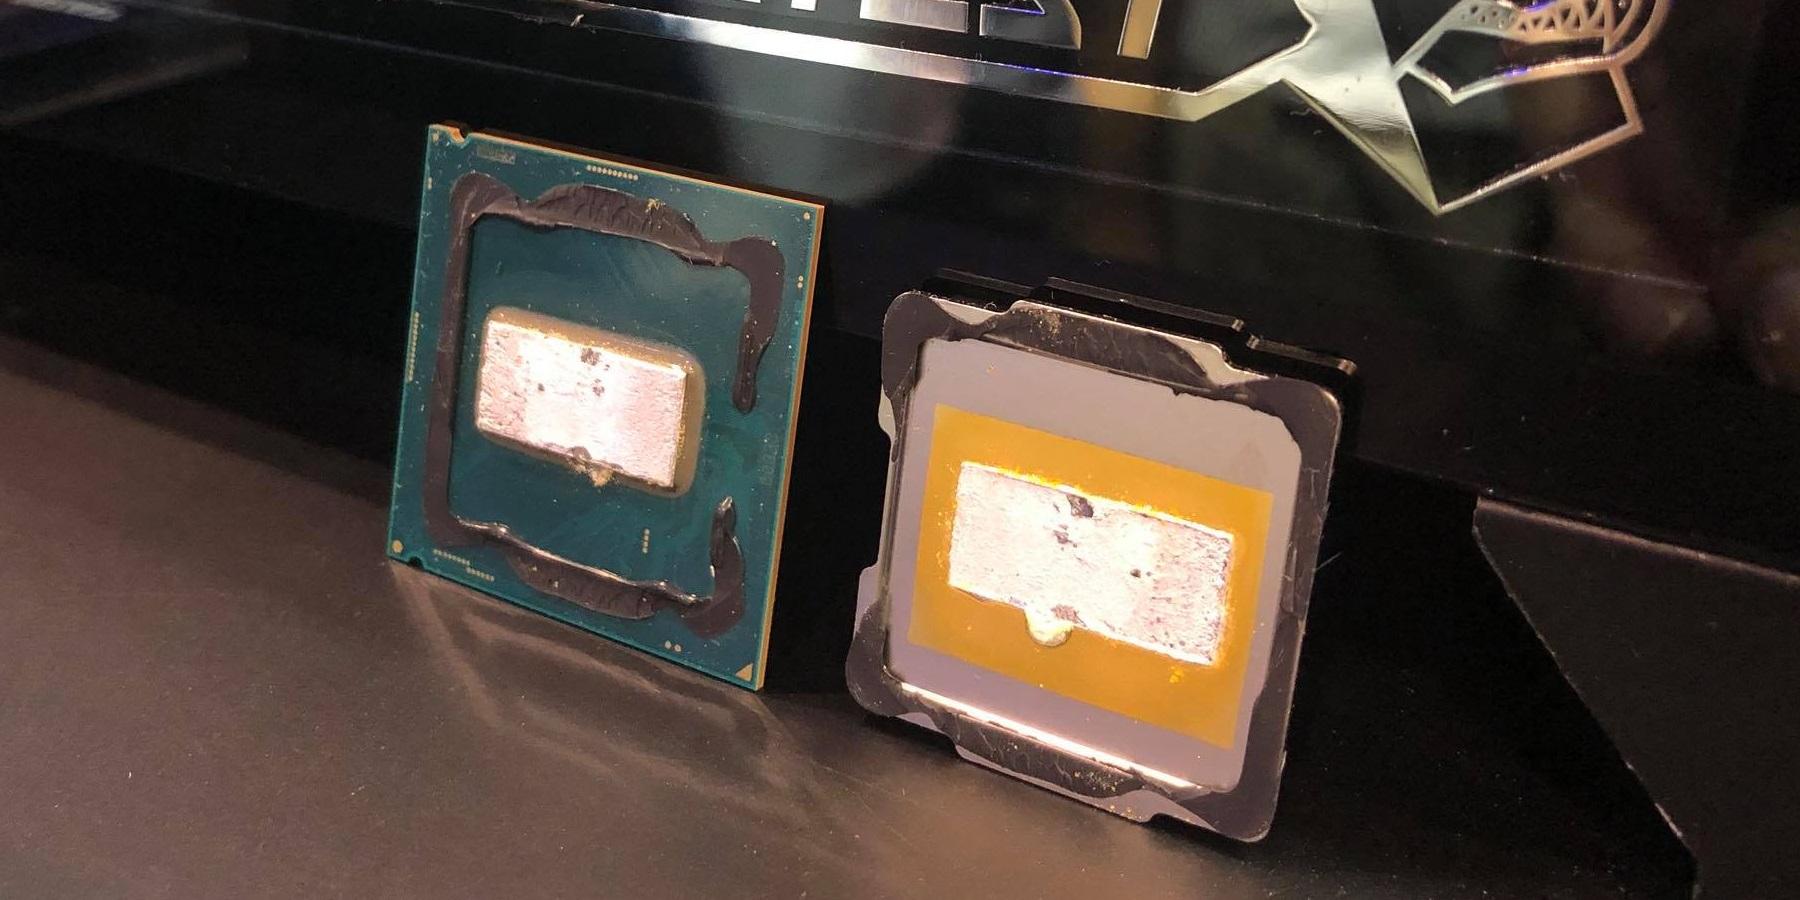 Así se ve el Intel Core i9-9900K con delid.